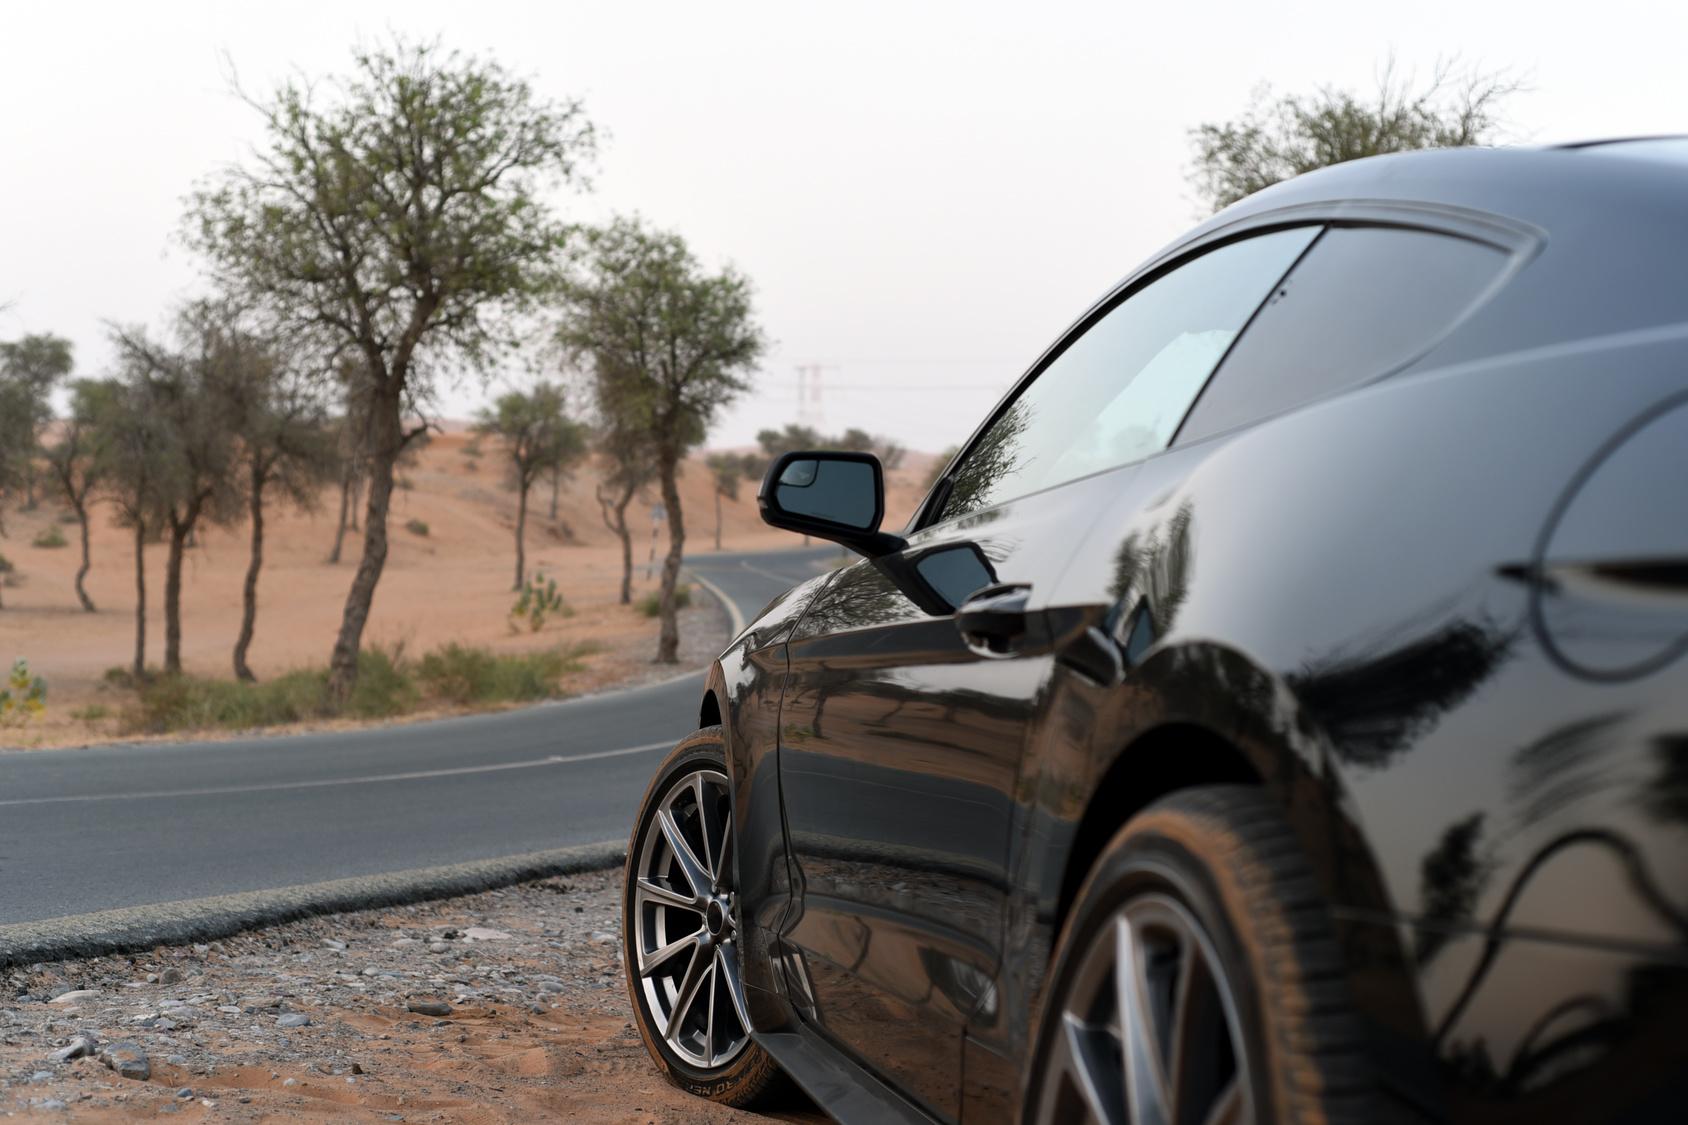 44車を売るときのガソリン残量は空っぽでいいのか?損しない方法!